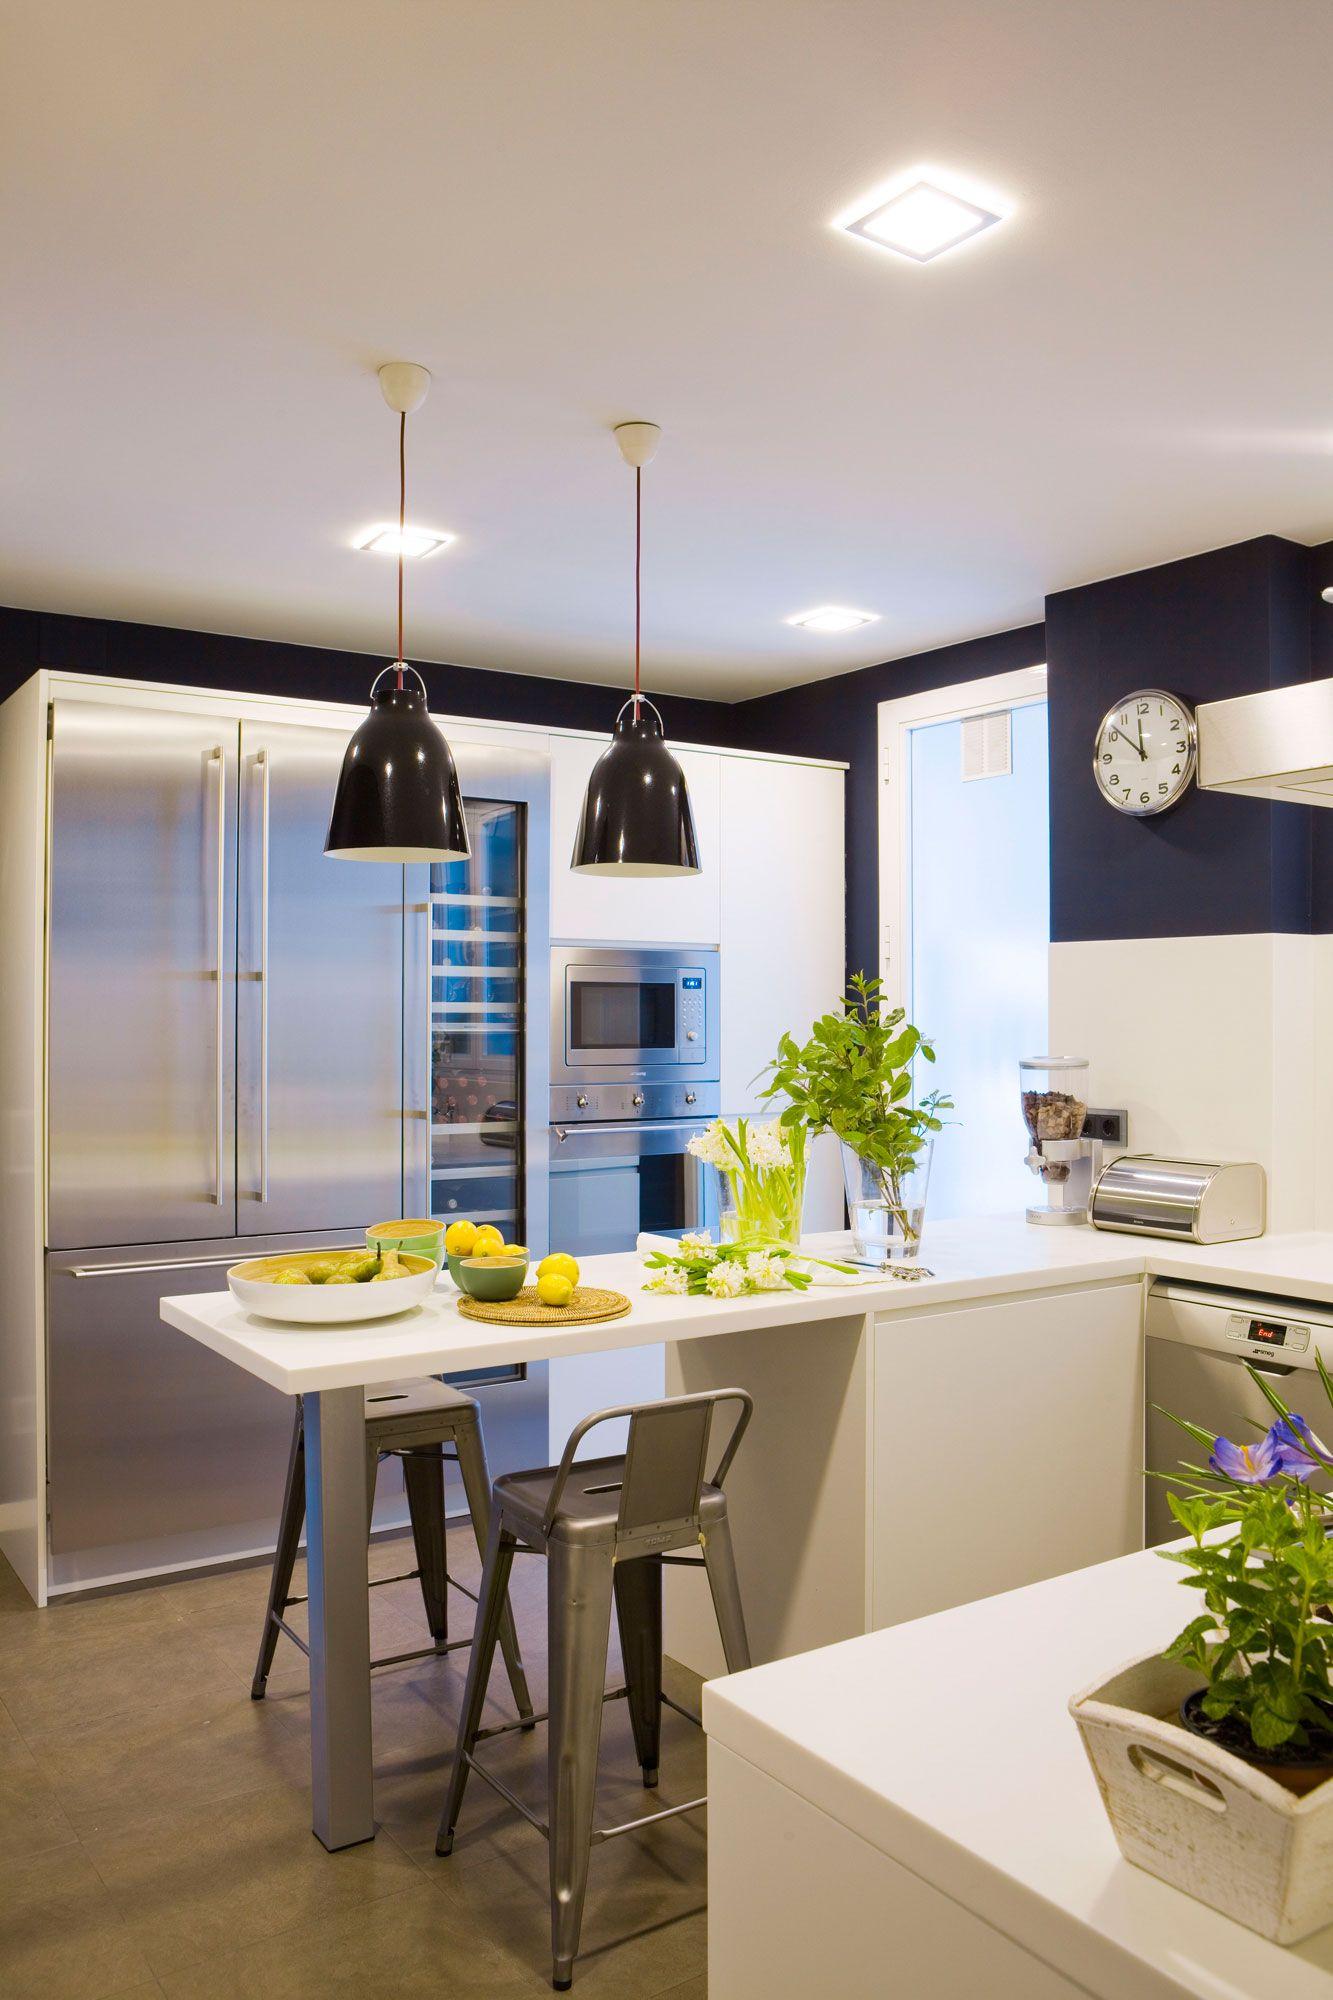 Sin sombras cocinas bonitas y luminosas lamparas - Iluminacion para cocina comedor ...